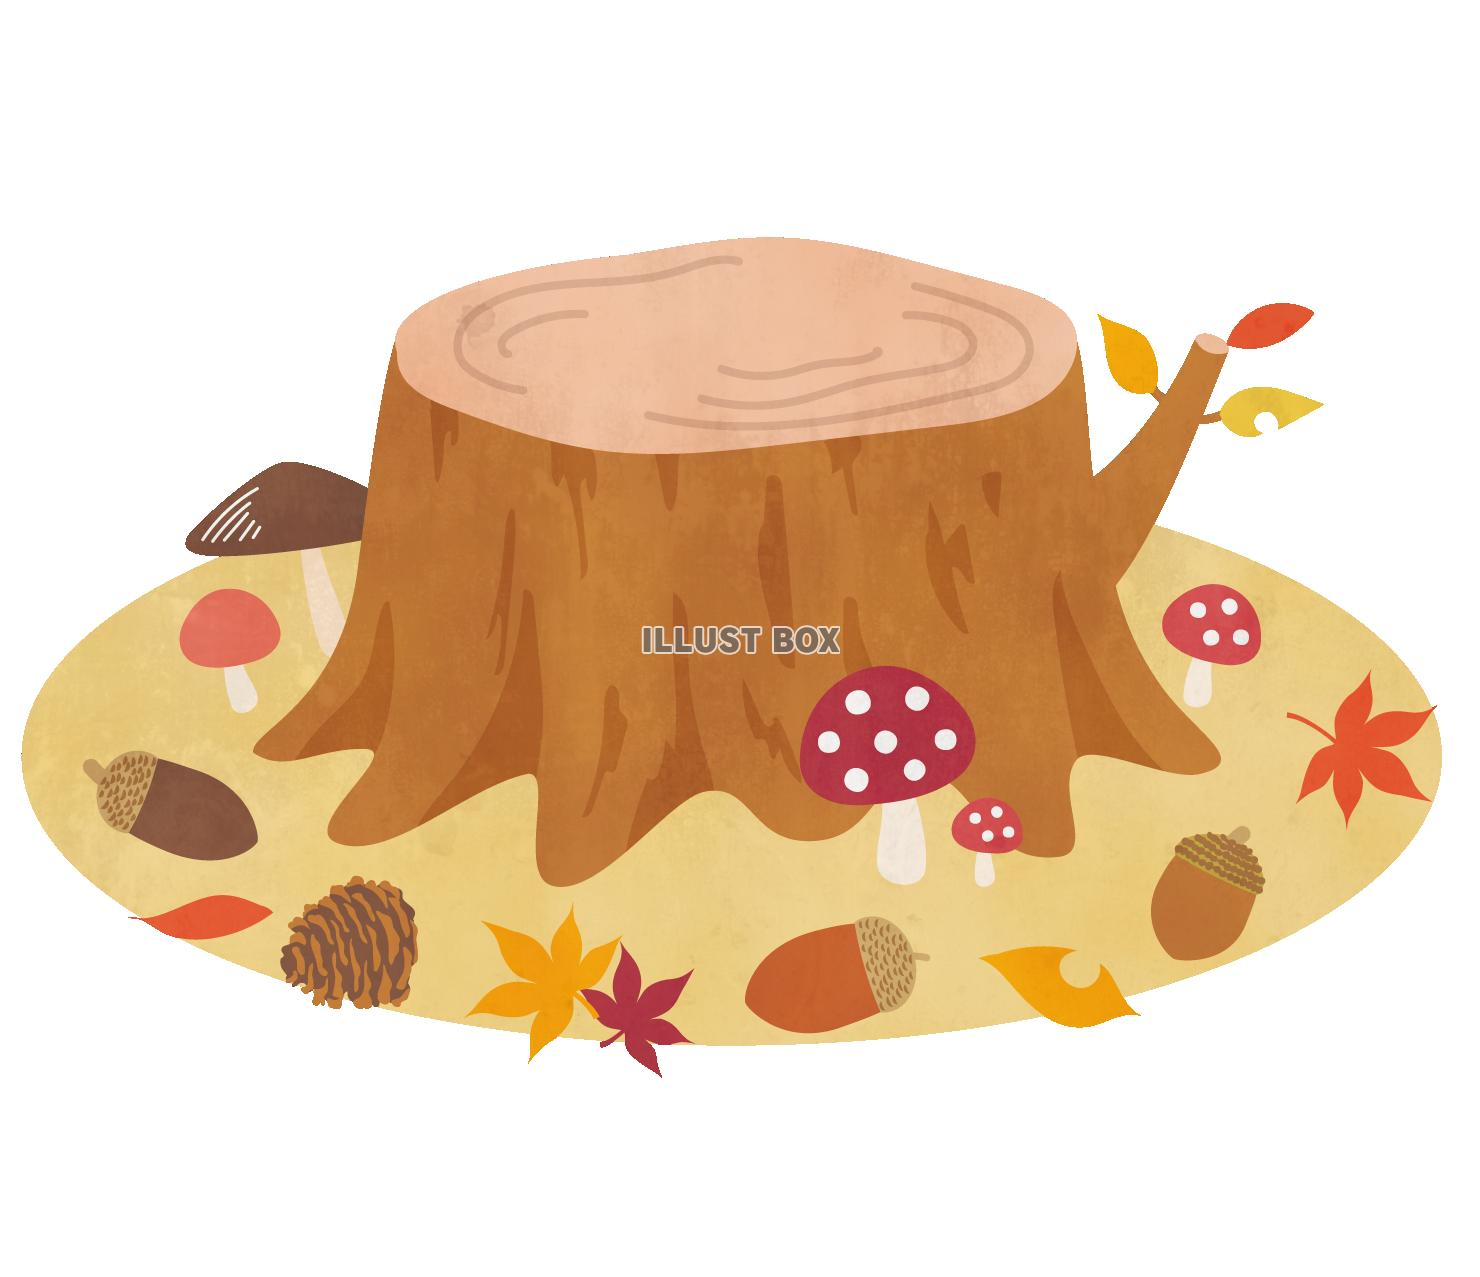 無料イラスト 透過 切り株のイラスト 9月10月11月水彩風シンプル手描き